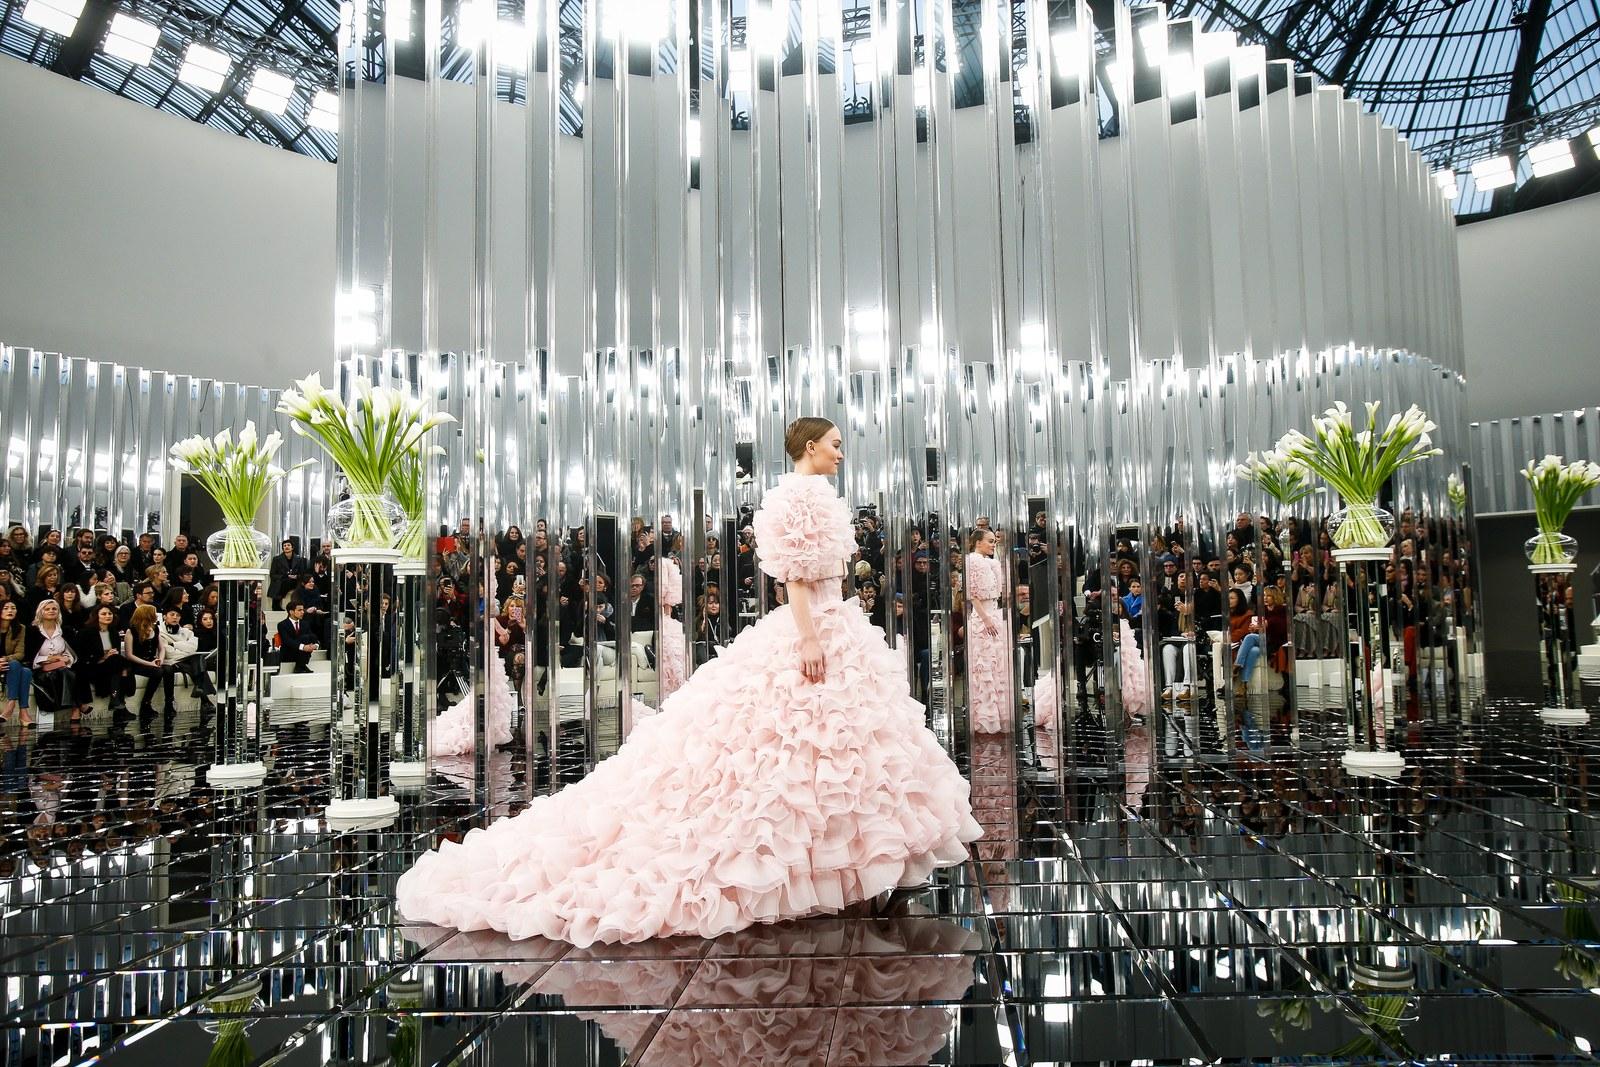 شانيل هوت كوتور لربيع وصيف 2017 عرض أزياء